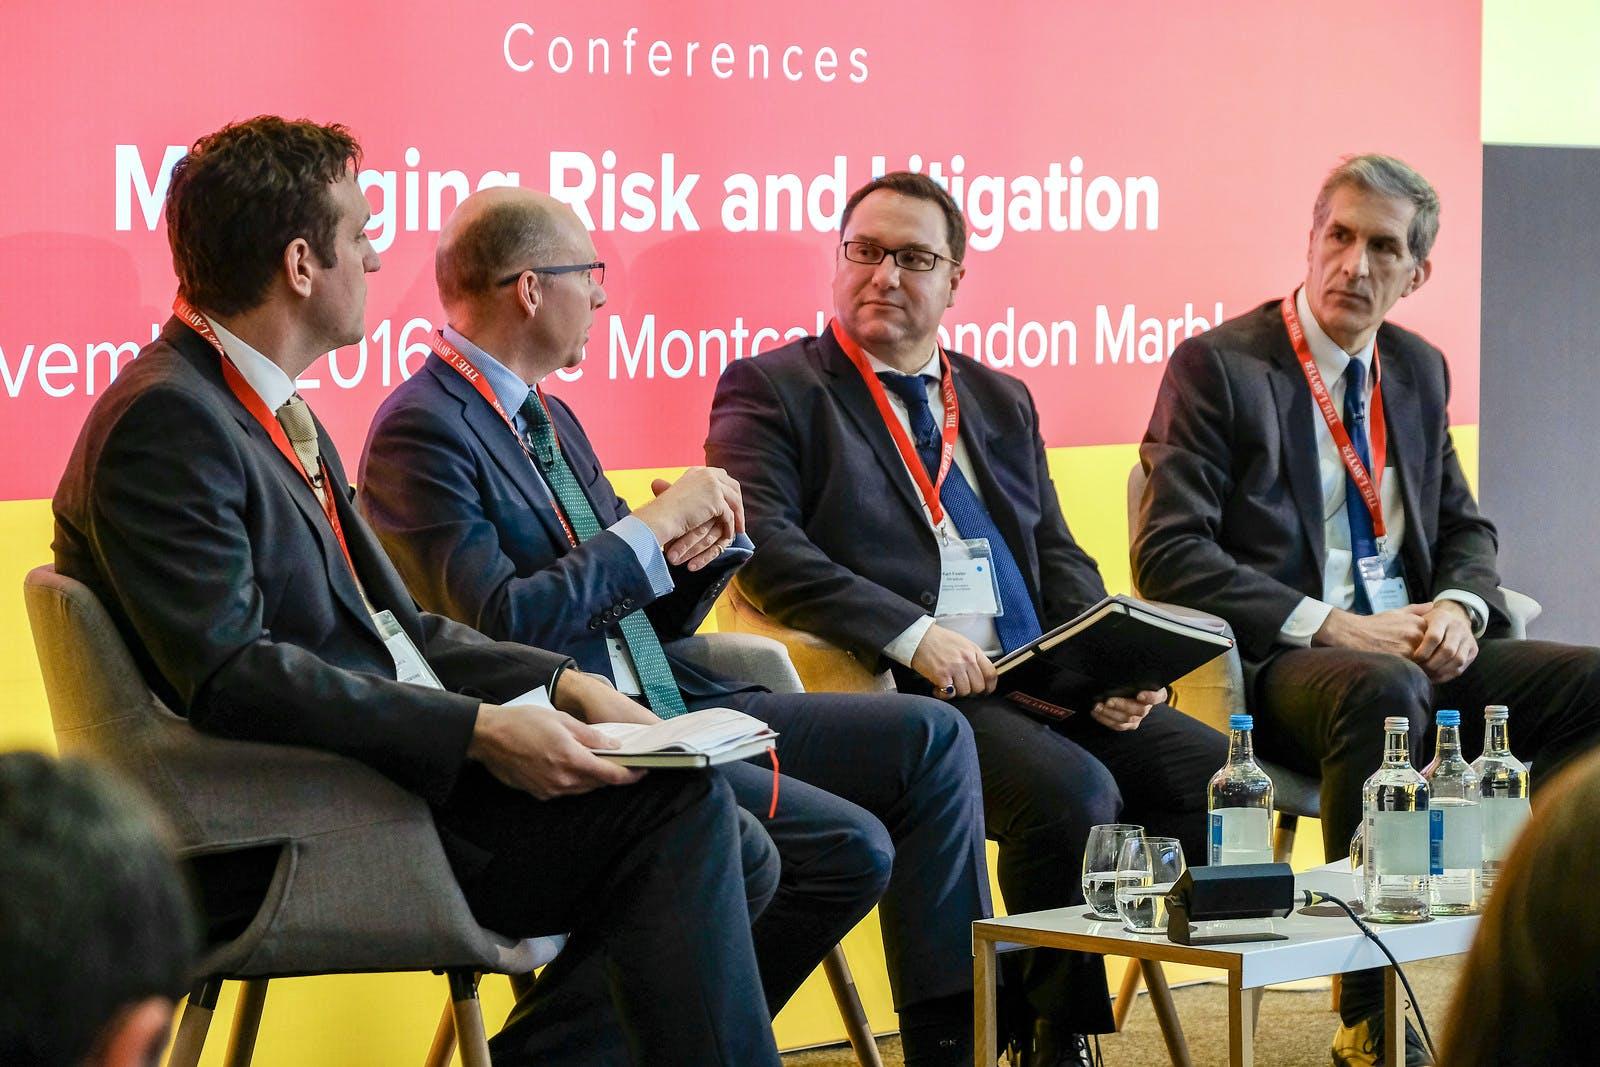 Managing Risk and Litigation